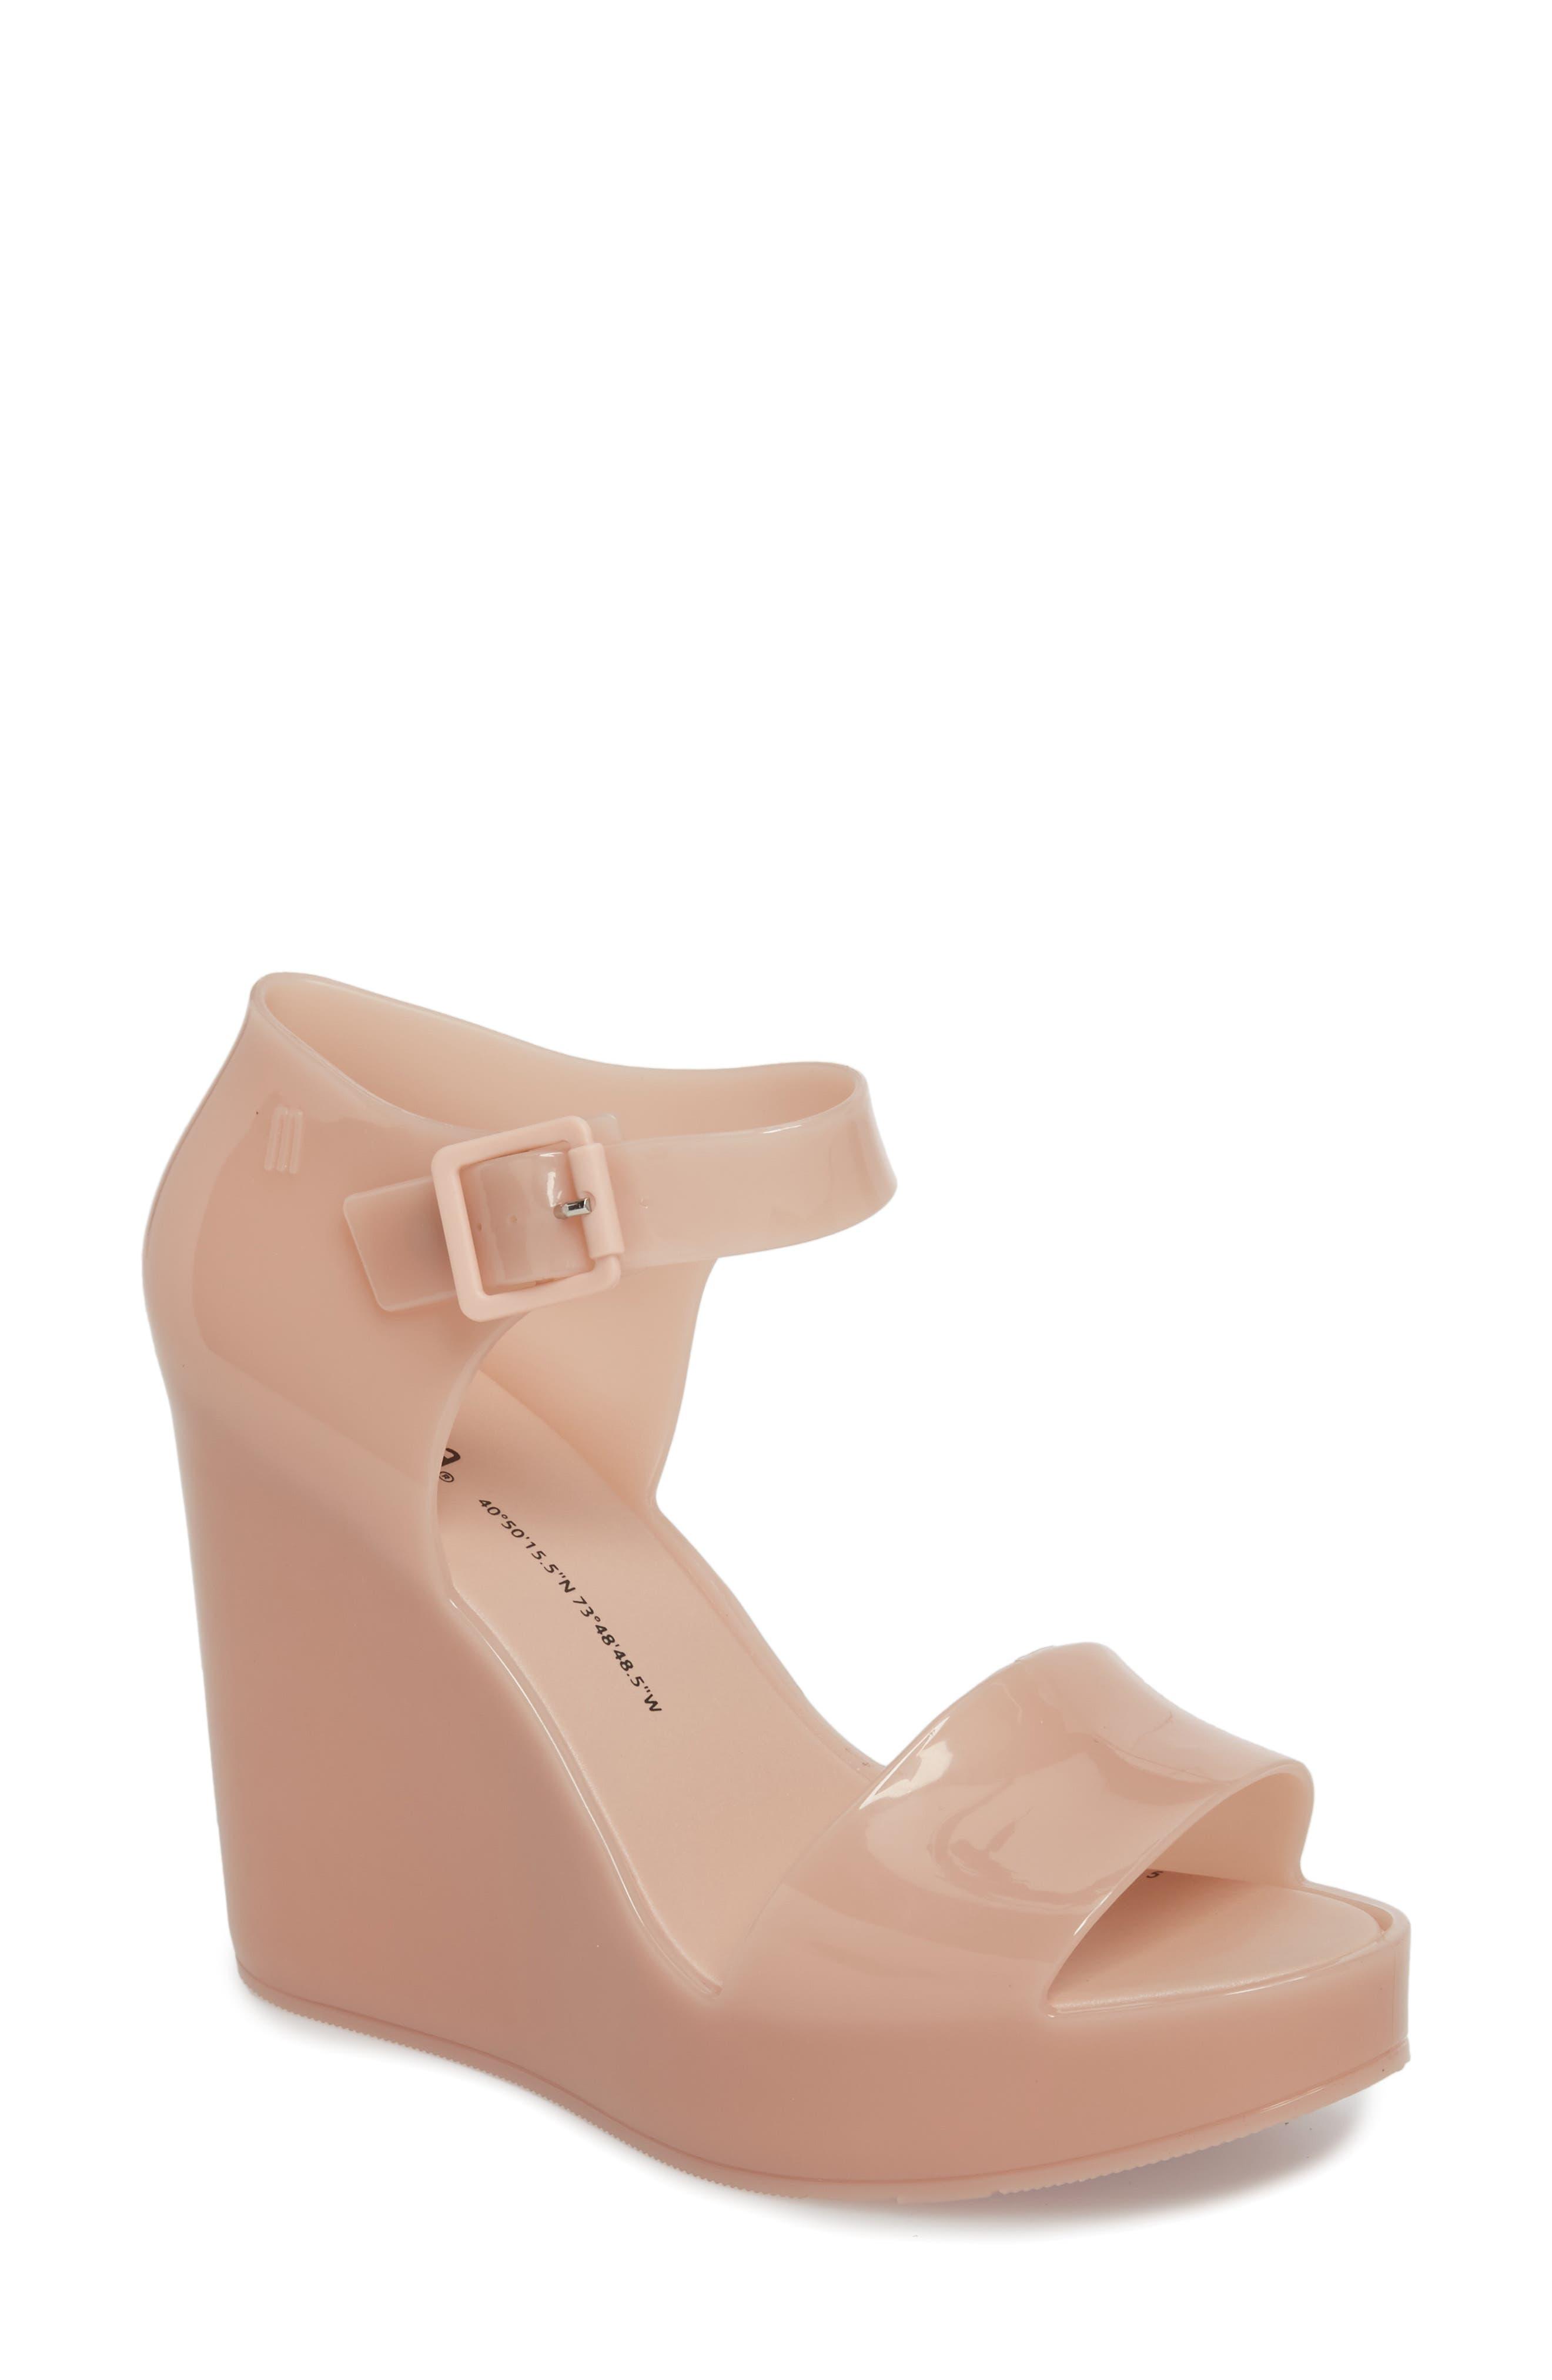 Alternate Image 1 Selected - Melissa Mar Platform Wedge Sandal